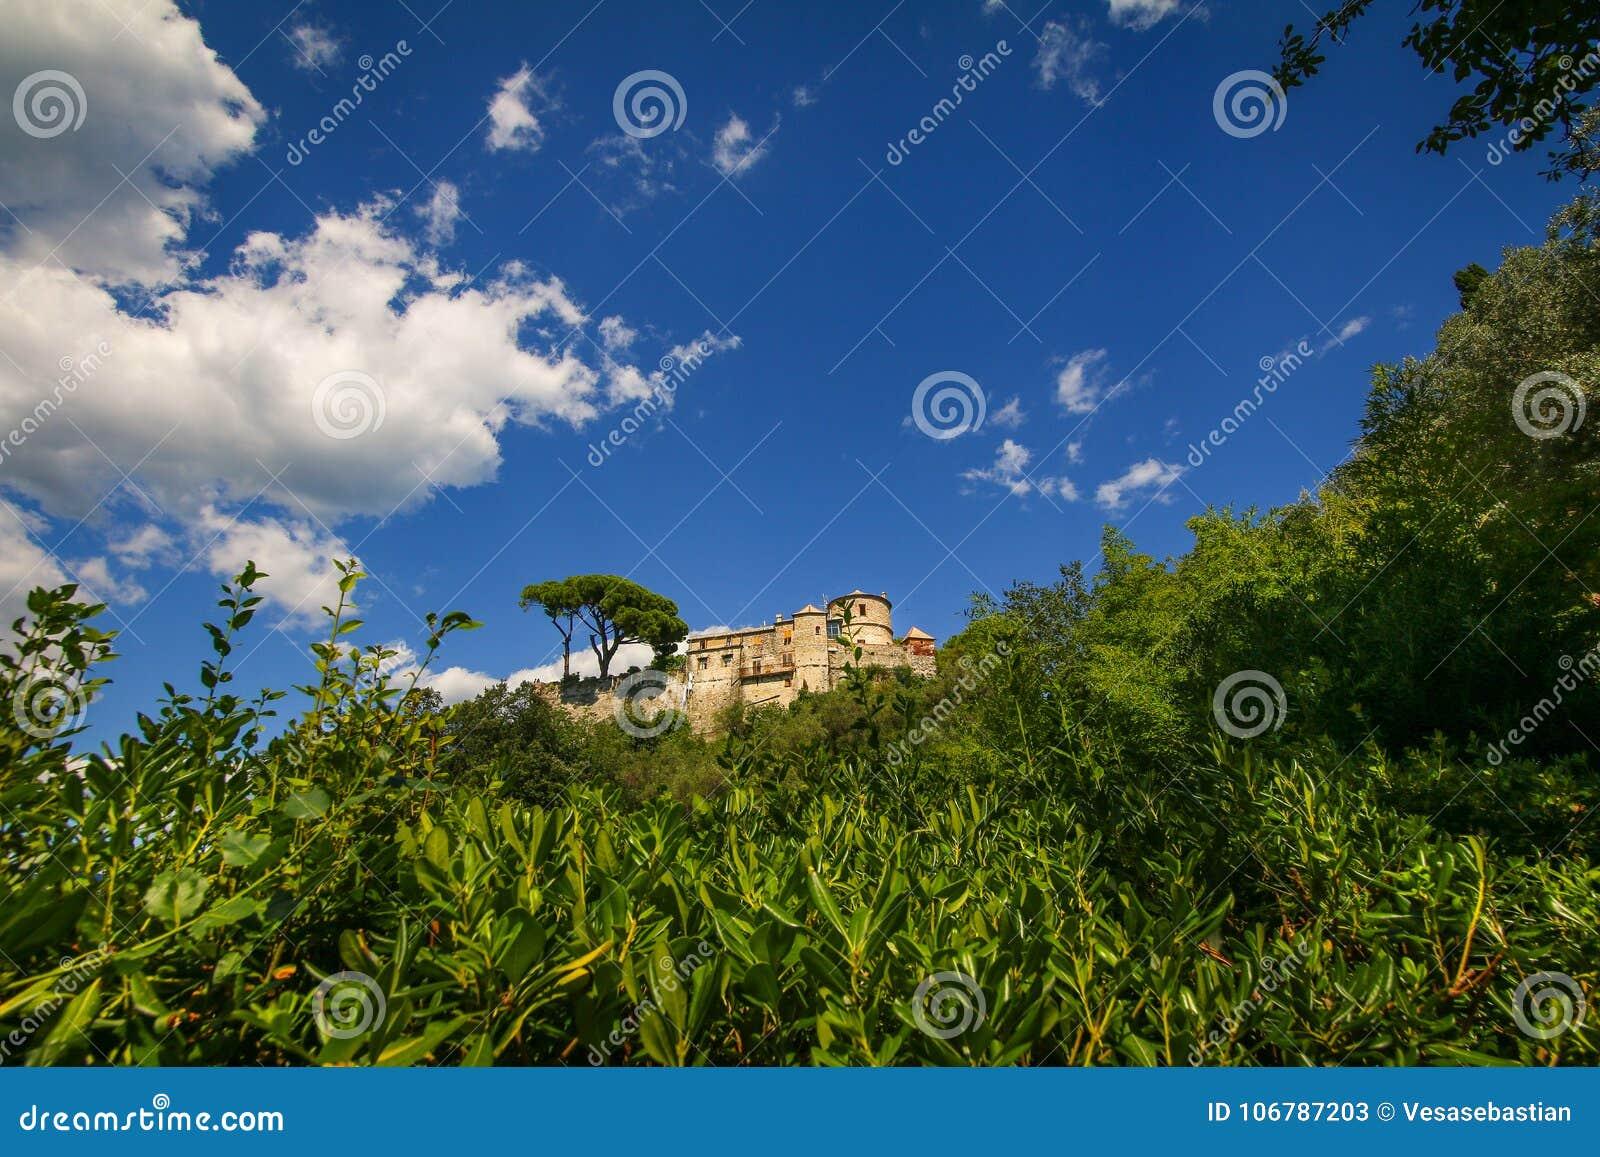 Castello Brown także znać jako San Giorgio kasztel lokalizował wysokość nad schronienie Portofino